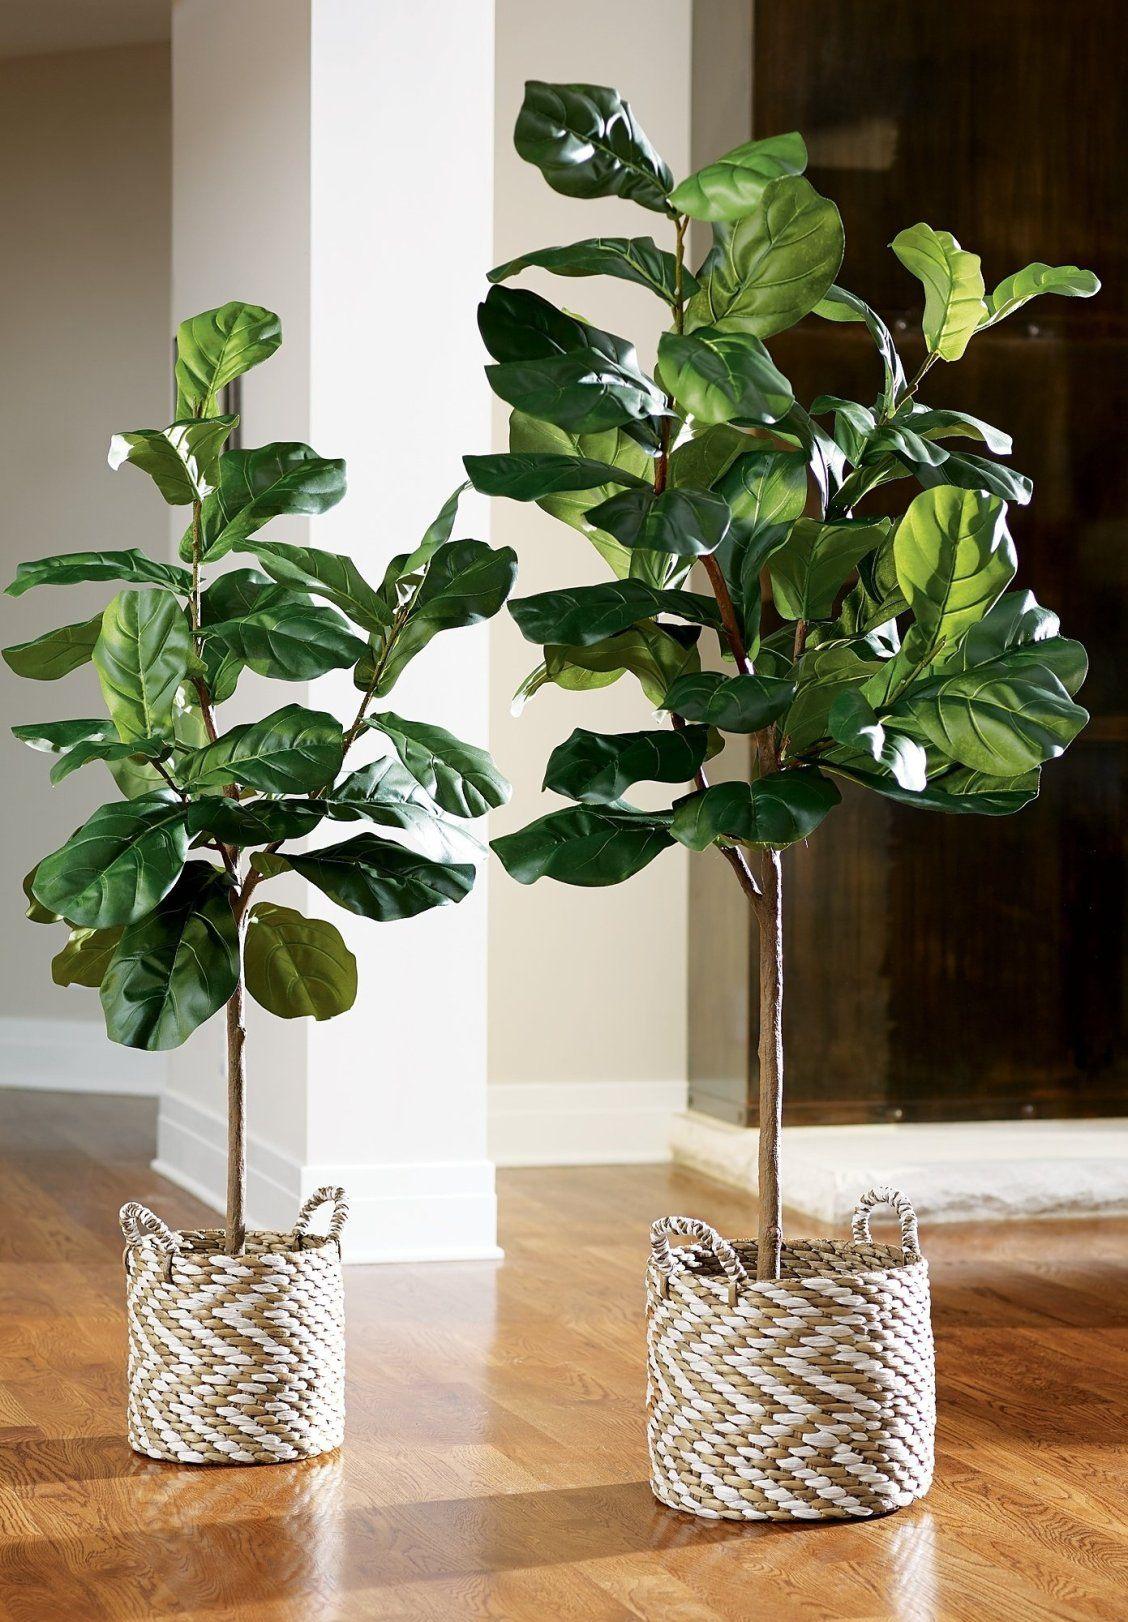 Fiddle Leaf Fig Tree With Images Fiddle Leaf Fig Tree Flower Arrangements Center Pieces Fiddle Leaf Fig